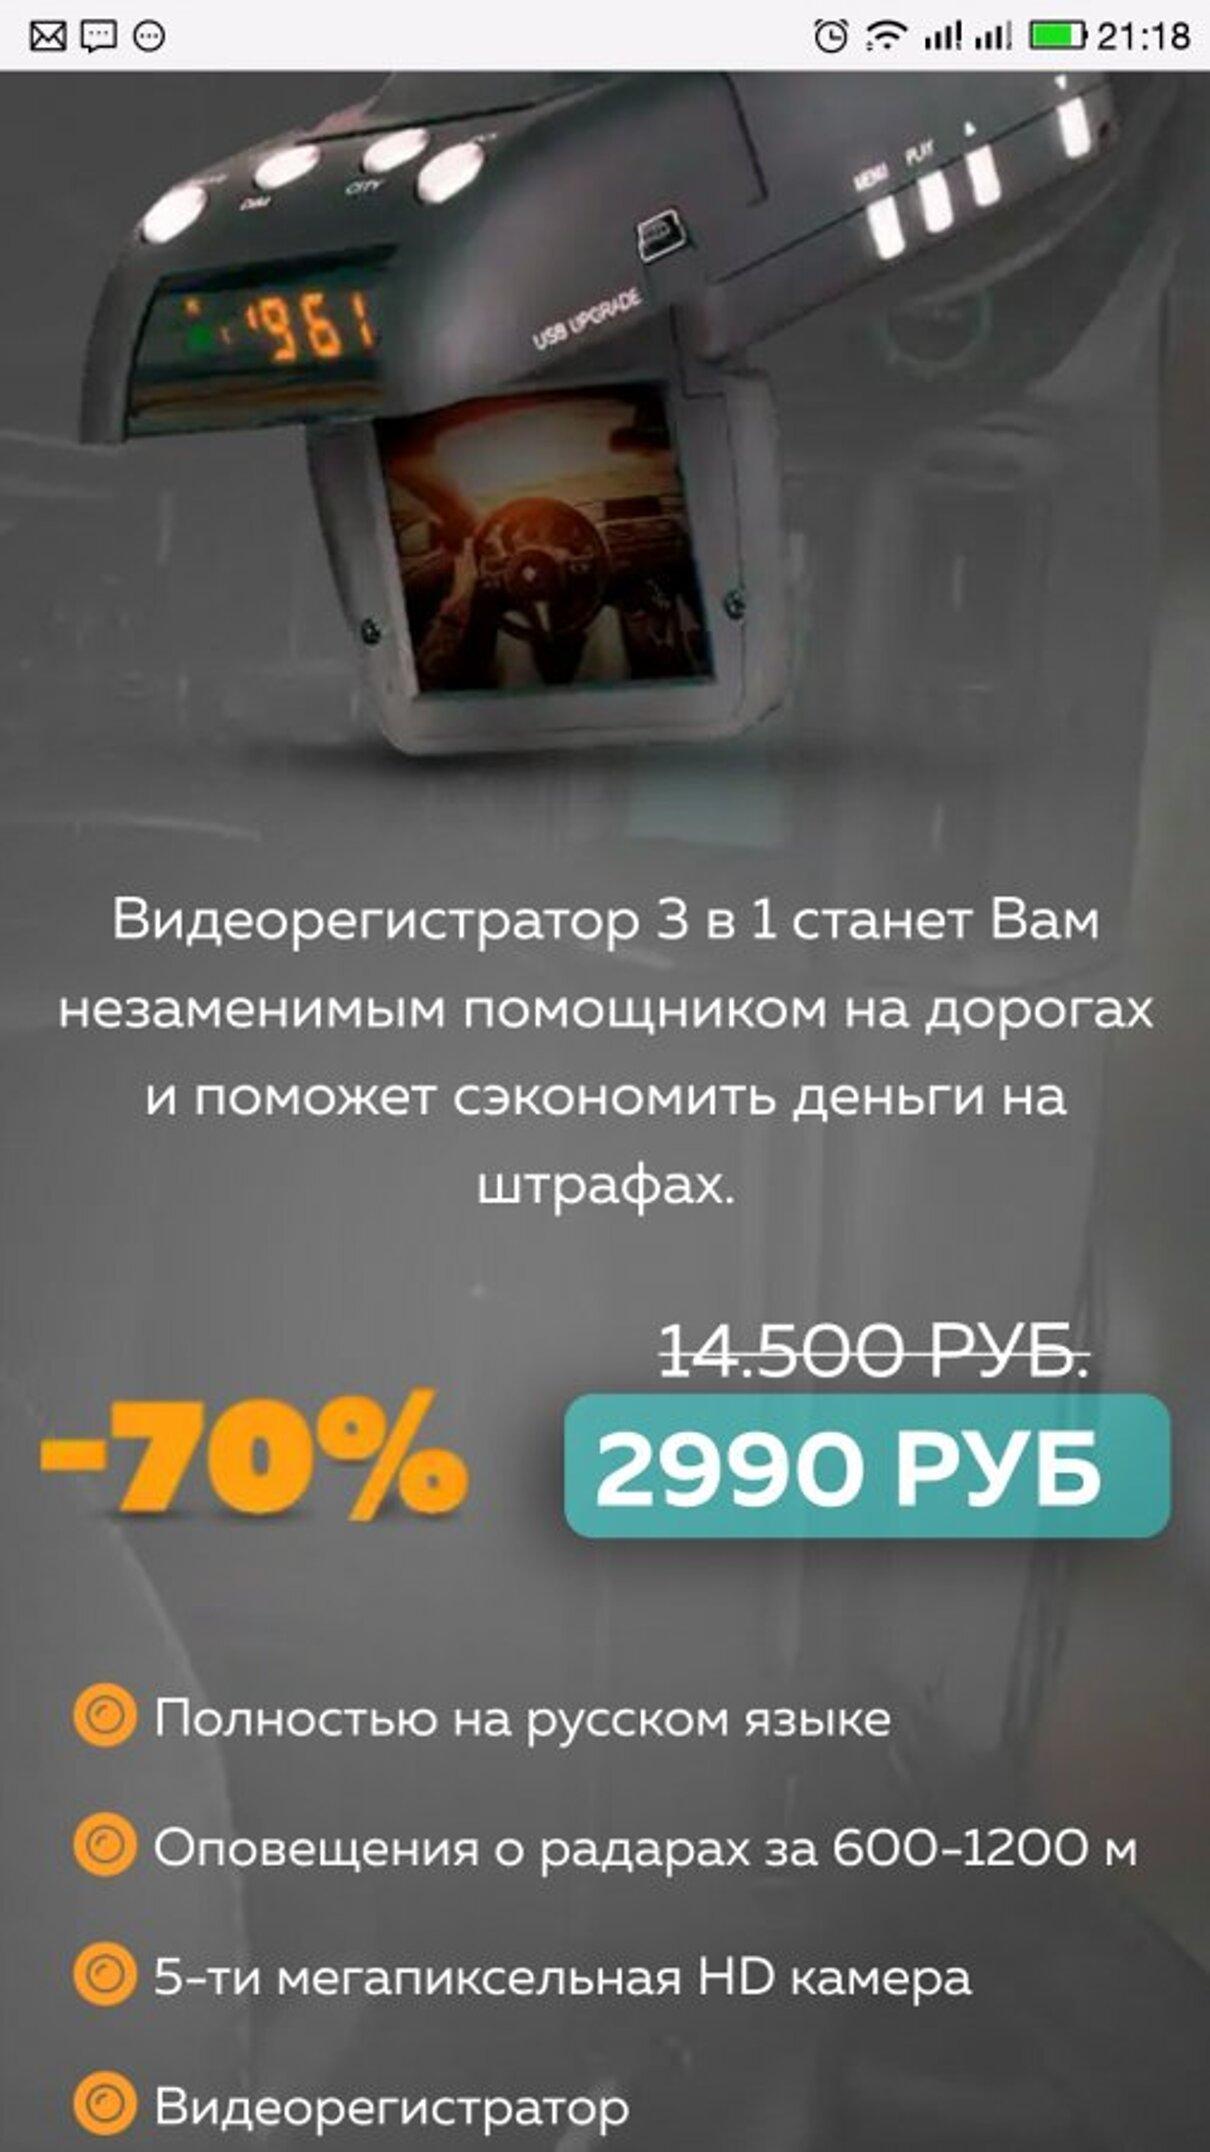 """Жалоба-отзыв: """"ИНФИНИТ РИТЕЙЛ"""" (ЕСПП 026352) - Прислали не то, что заказывал. 3в1, а пришёл простой видеорегистратор"""